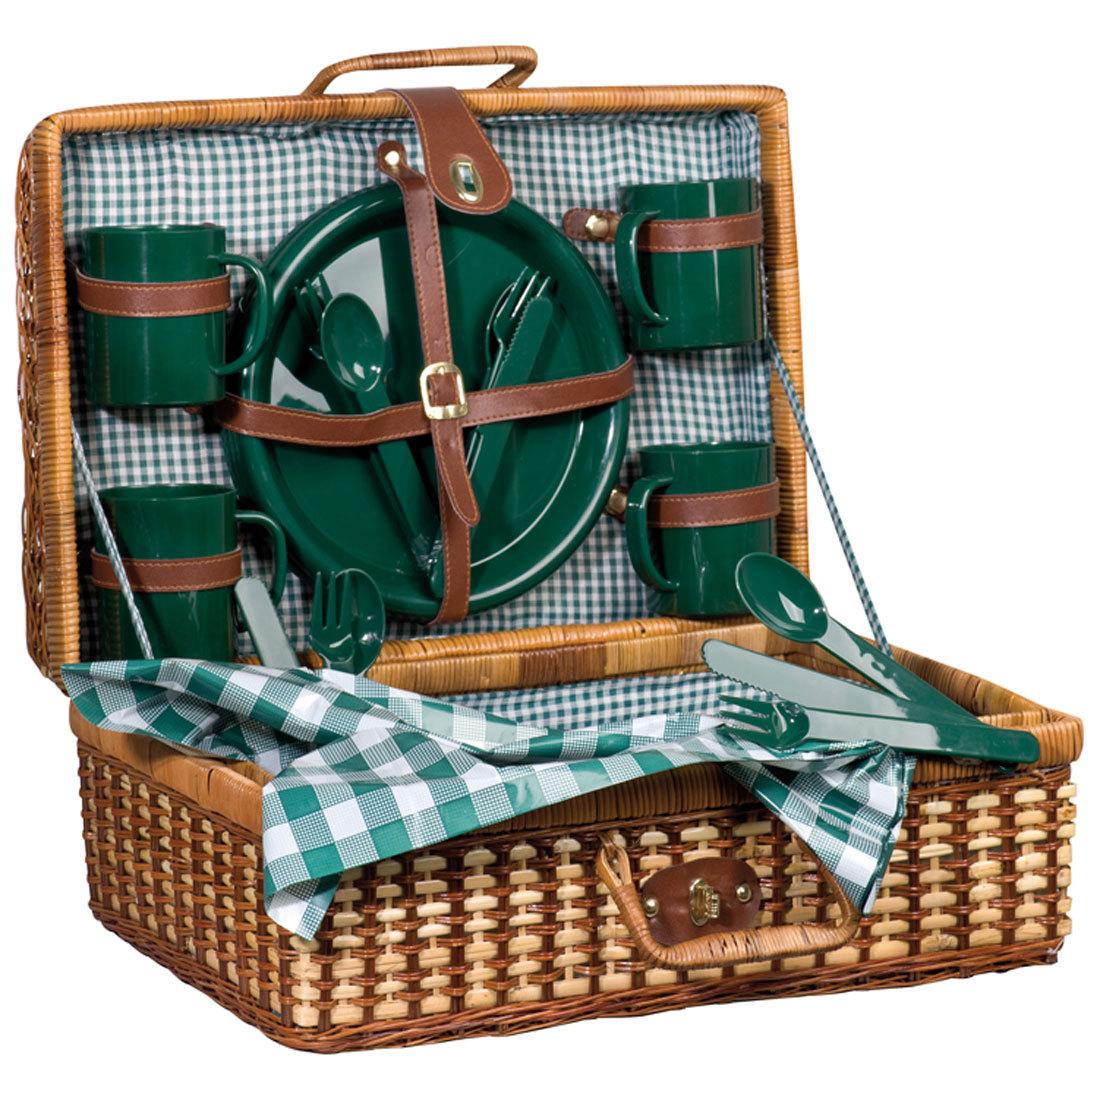 Vintage piknikový Kôš vyrobený z ratanu pre 4 osoby svadobný dar